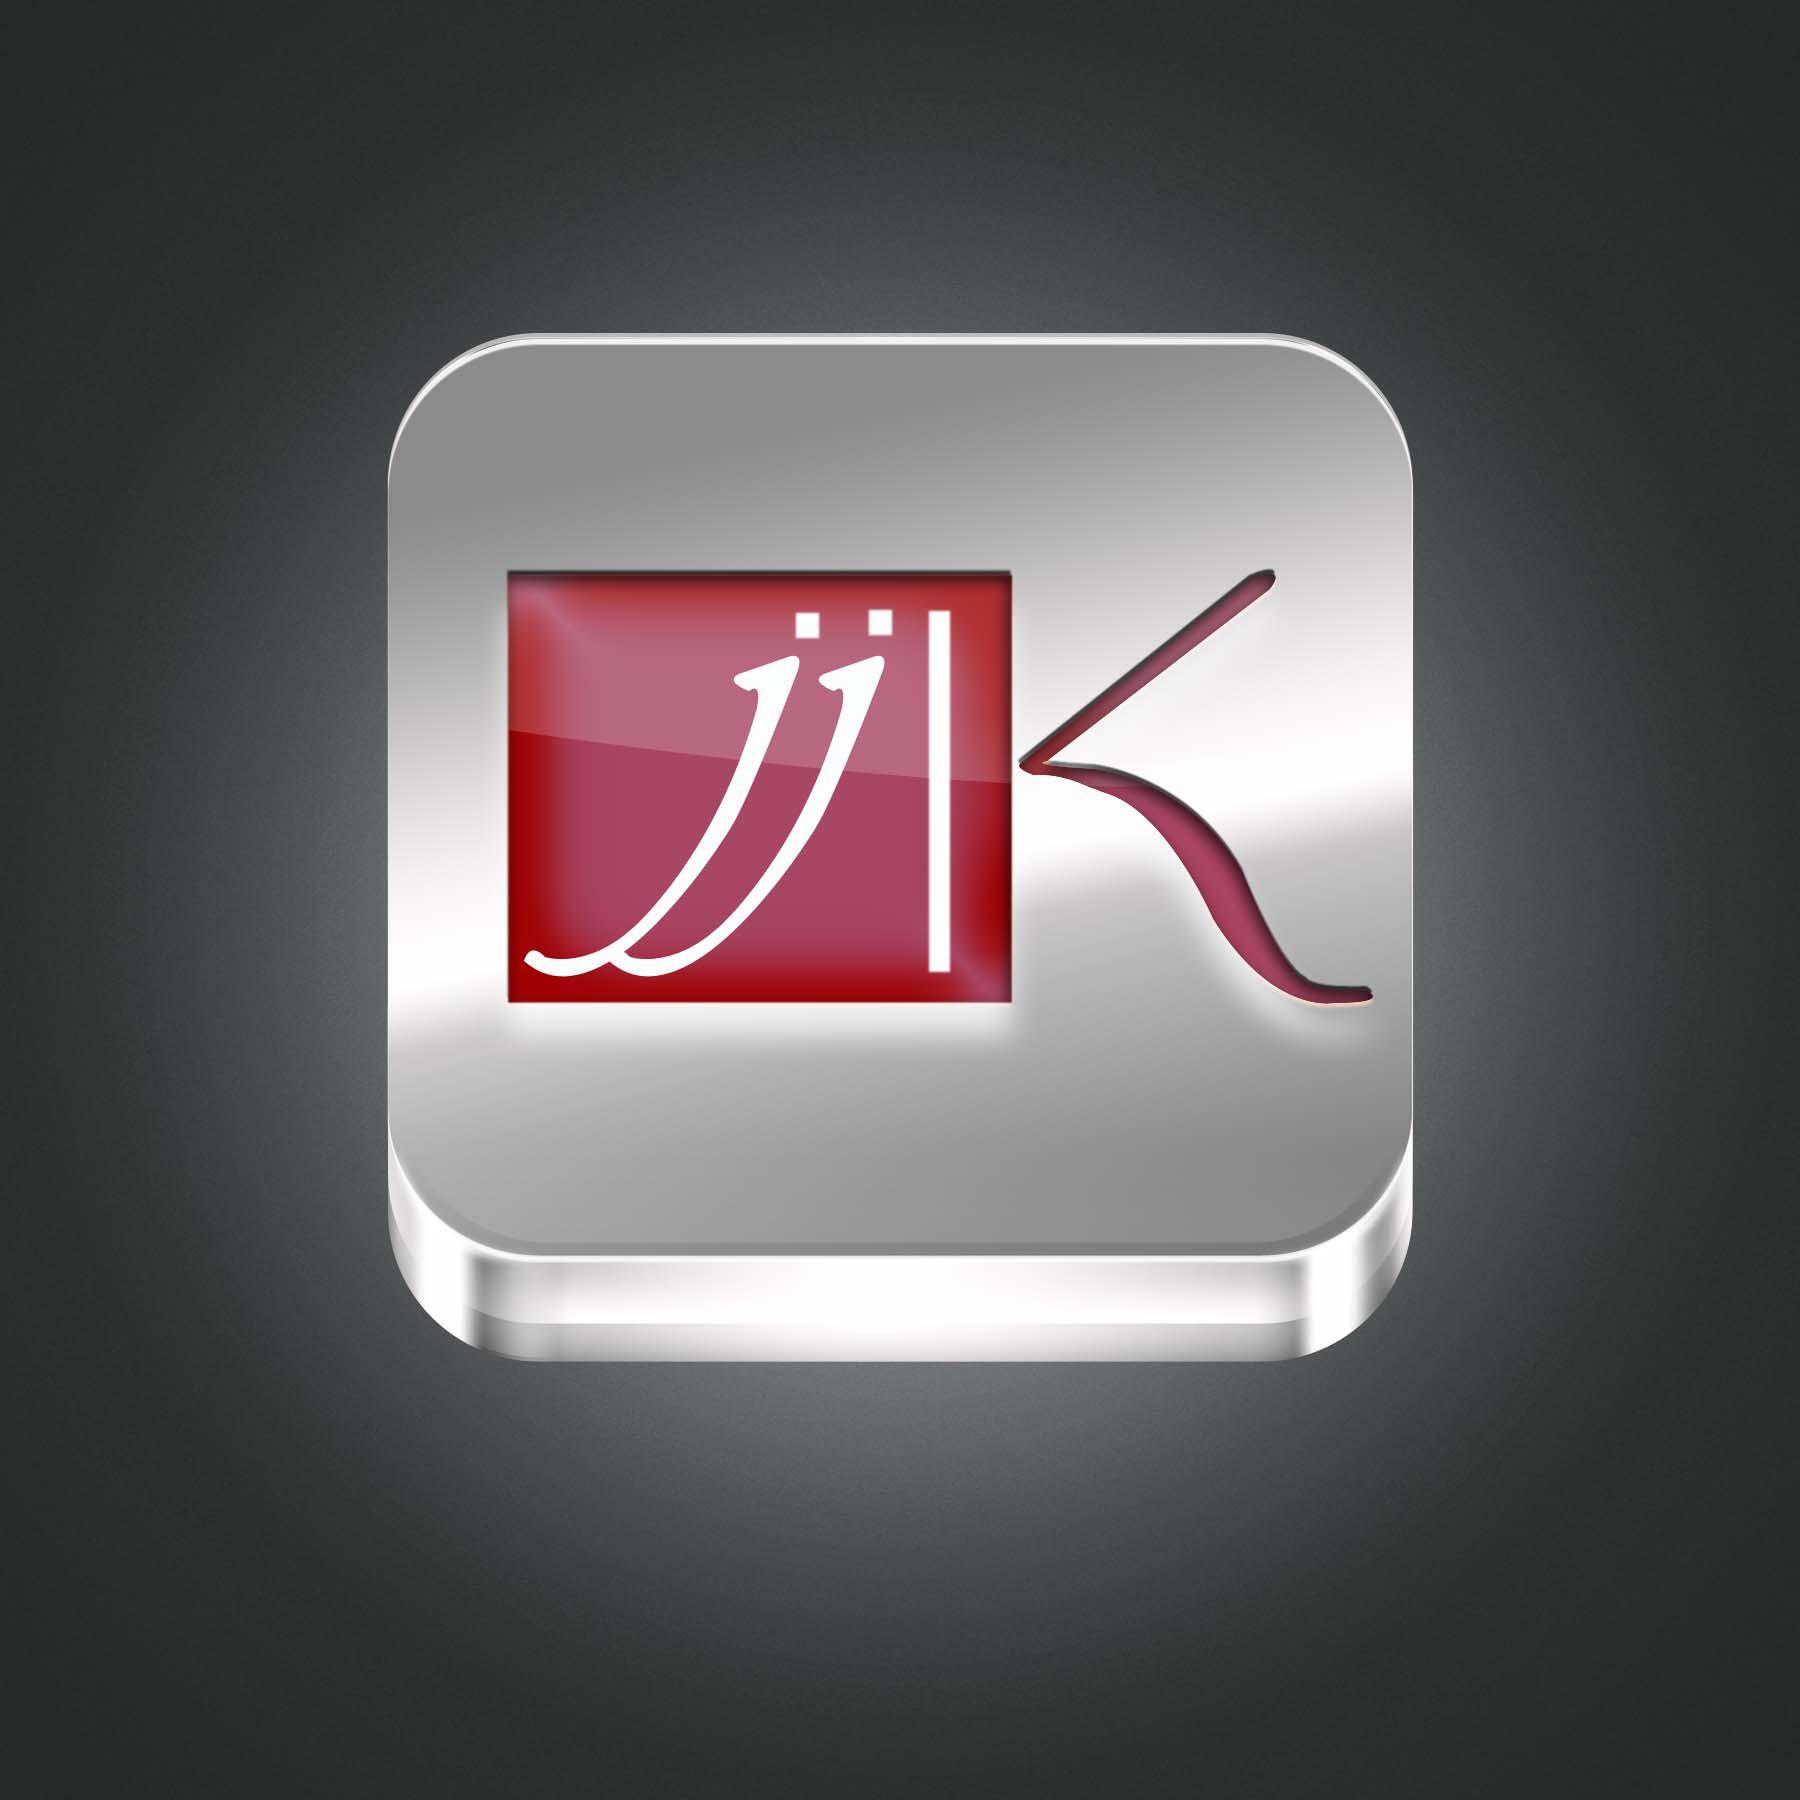 JJK Contracting LLC